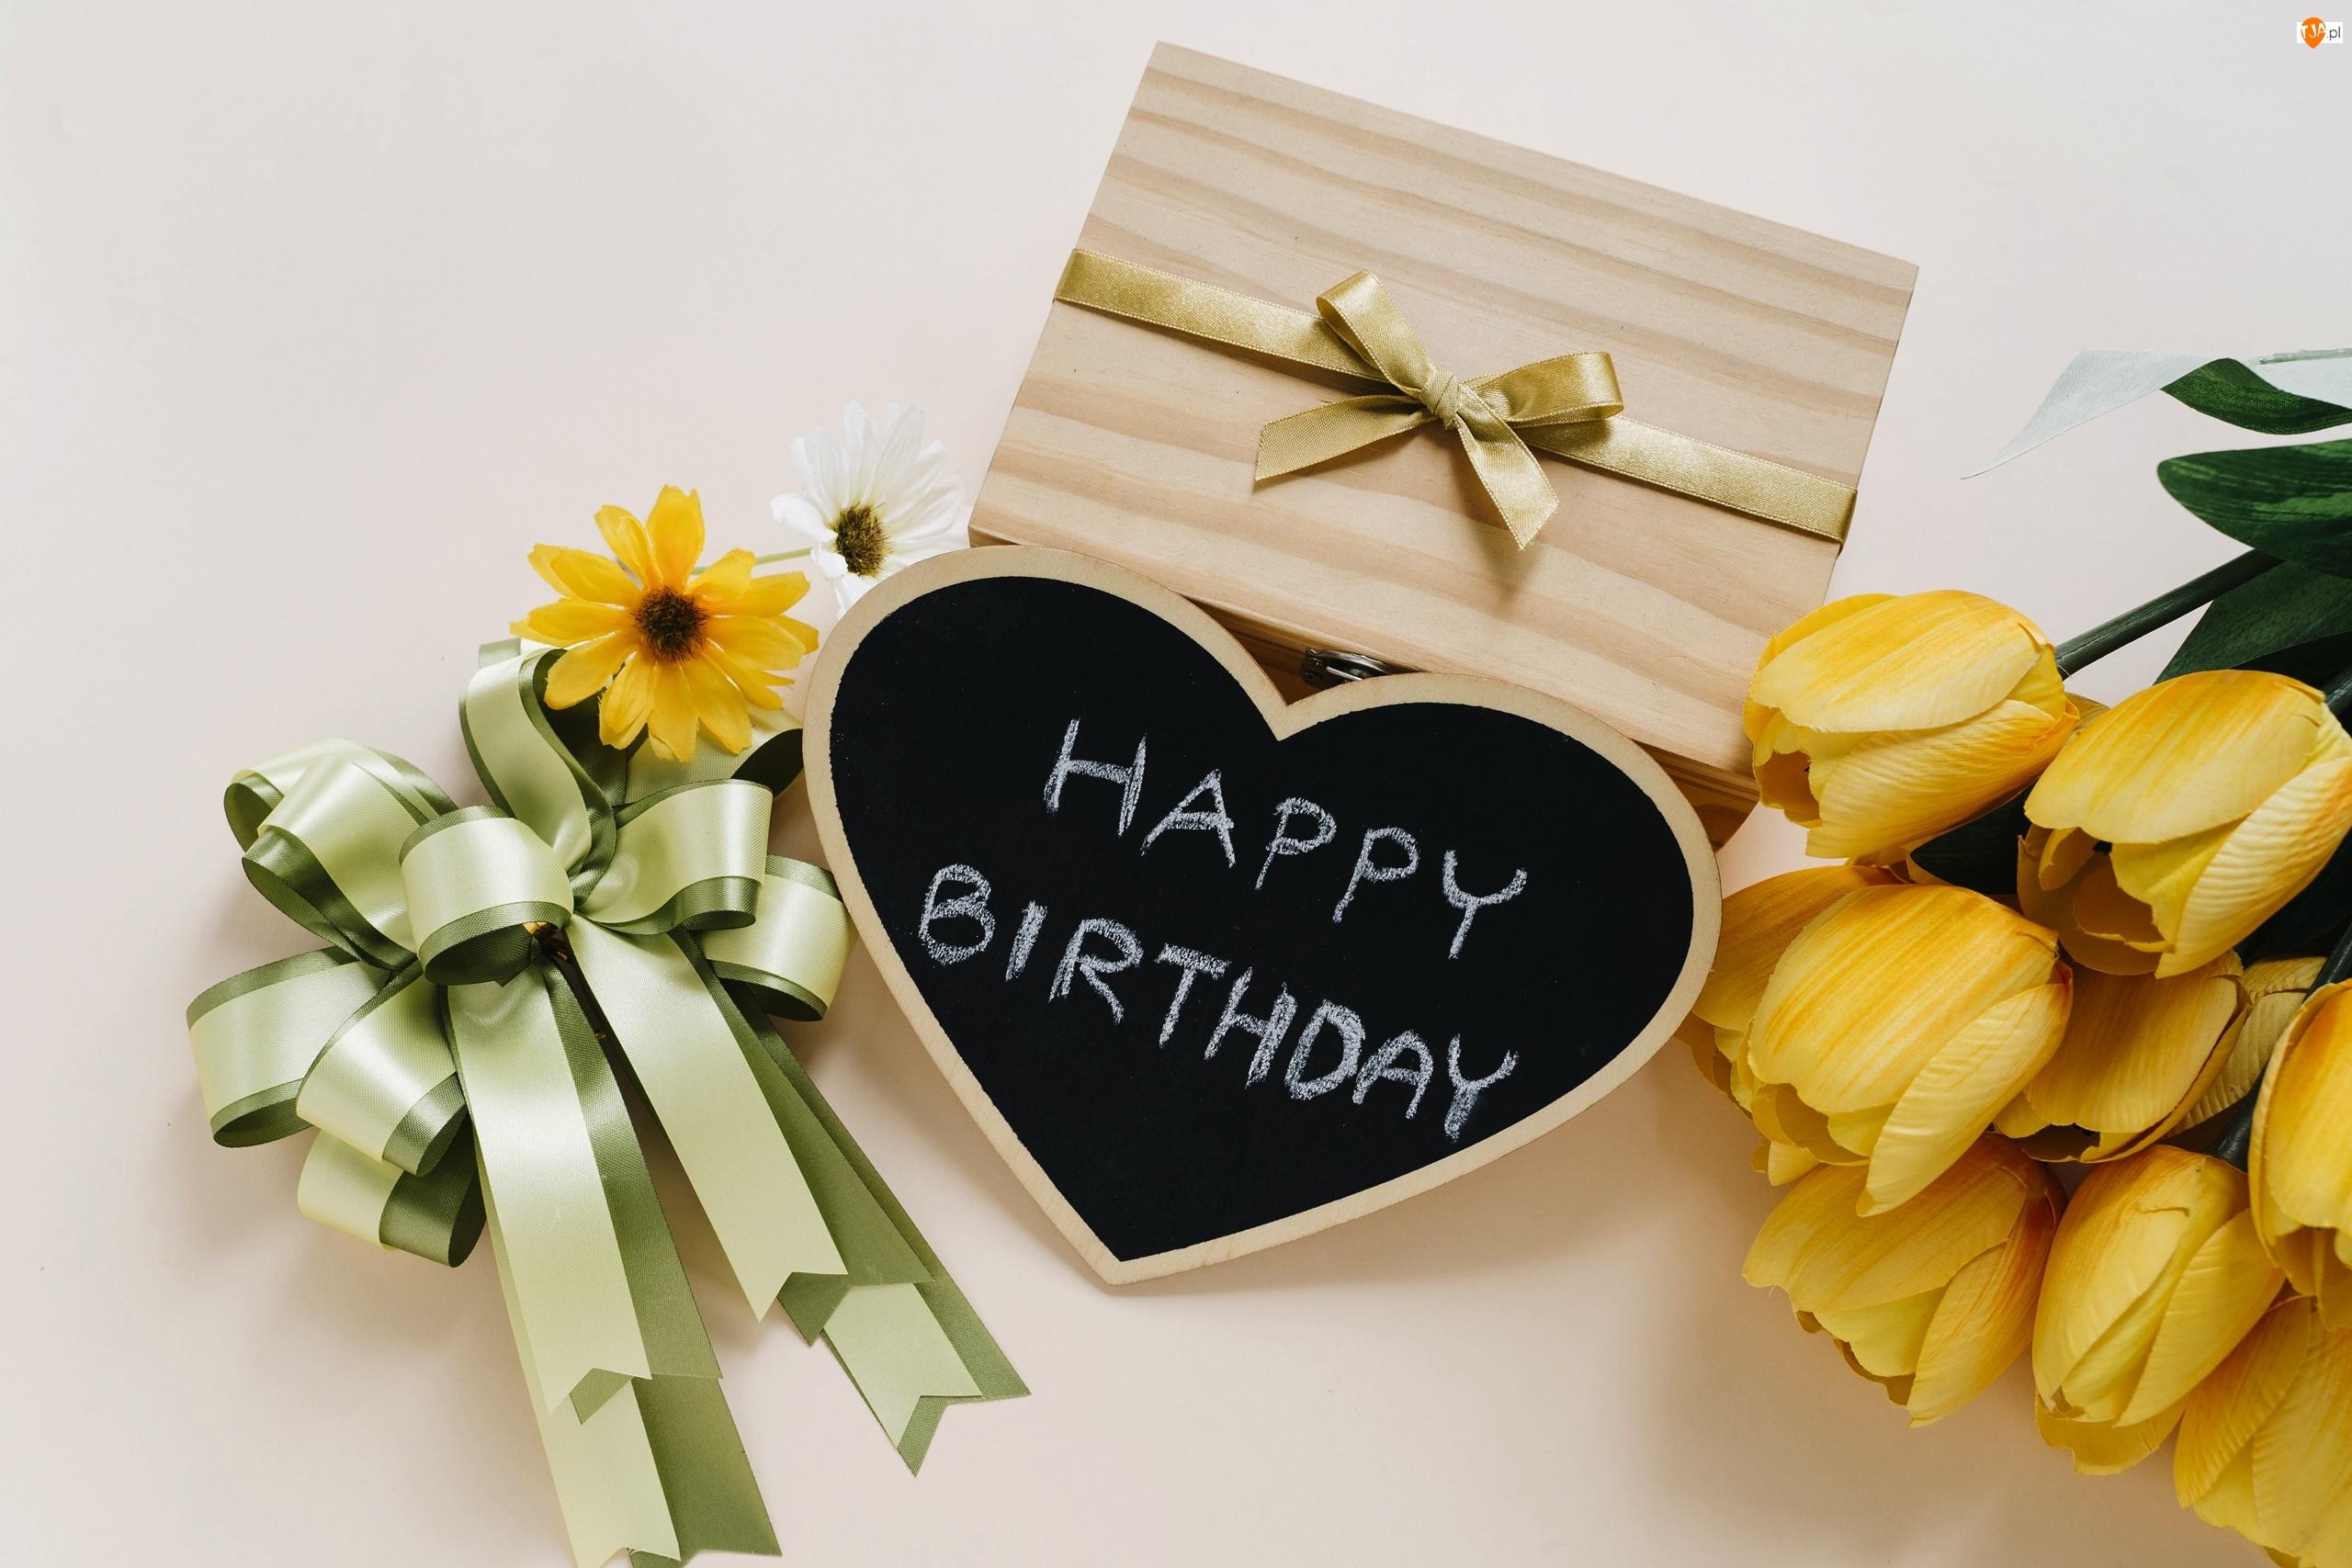 Kwiaty, Urodziny, Prezent, Życzenia, Tulipany, Serce